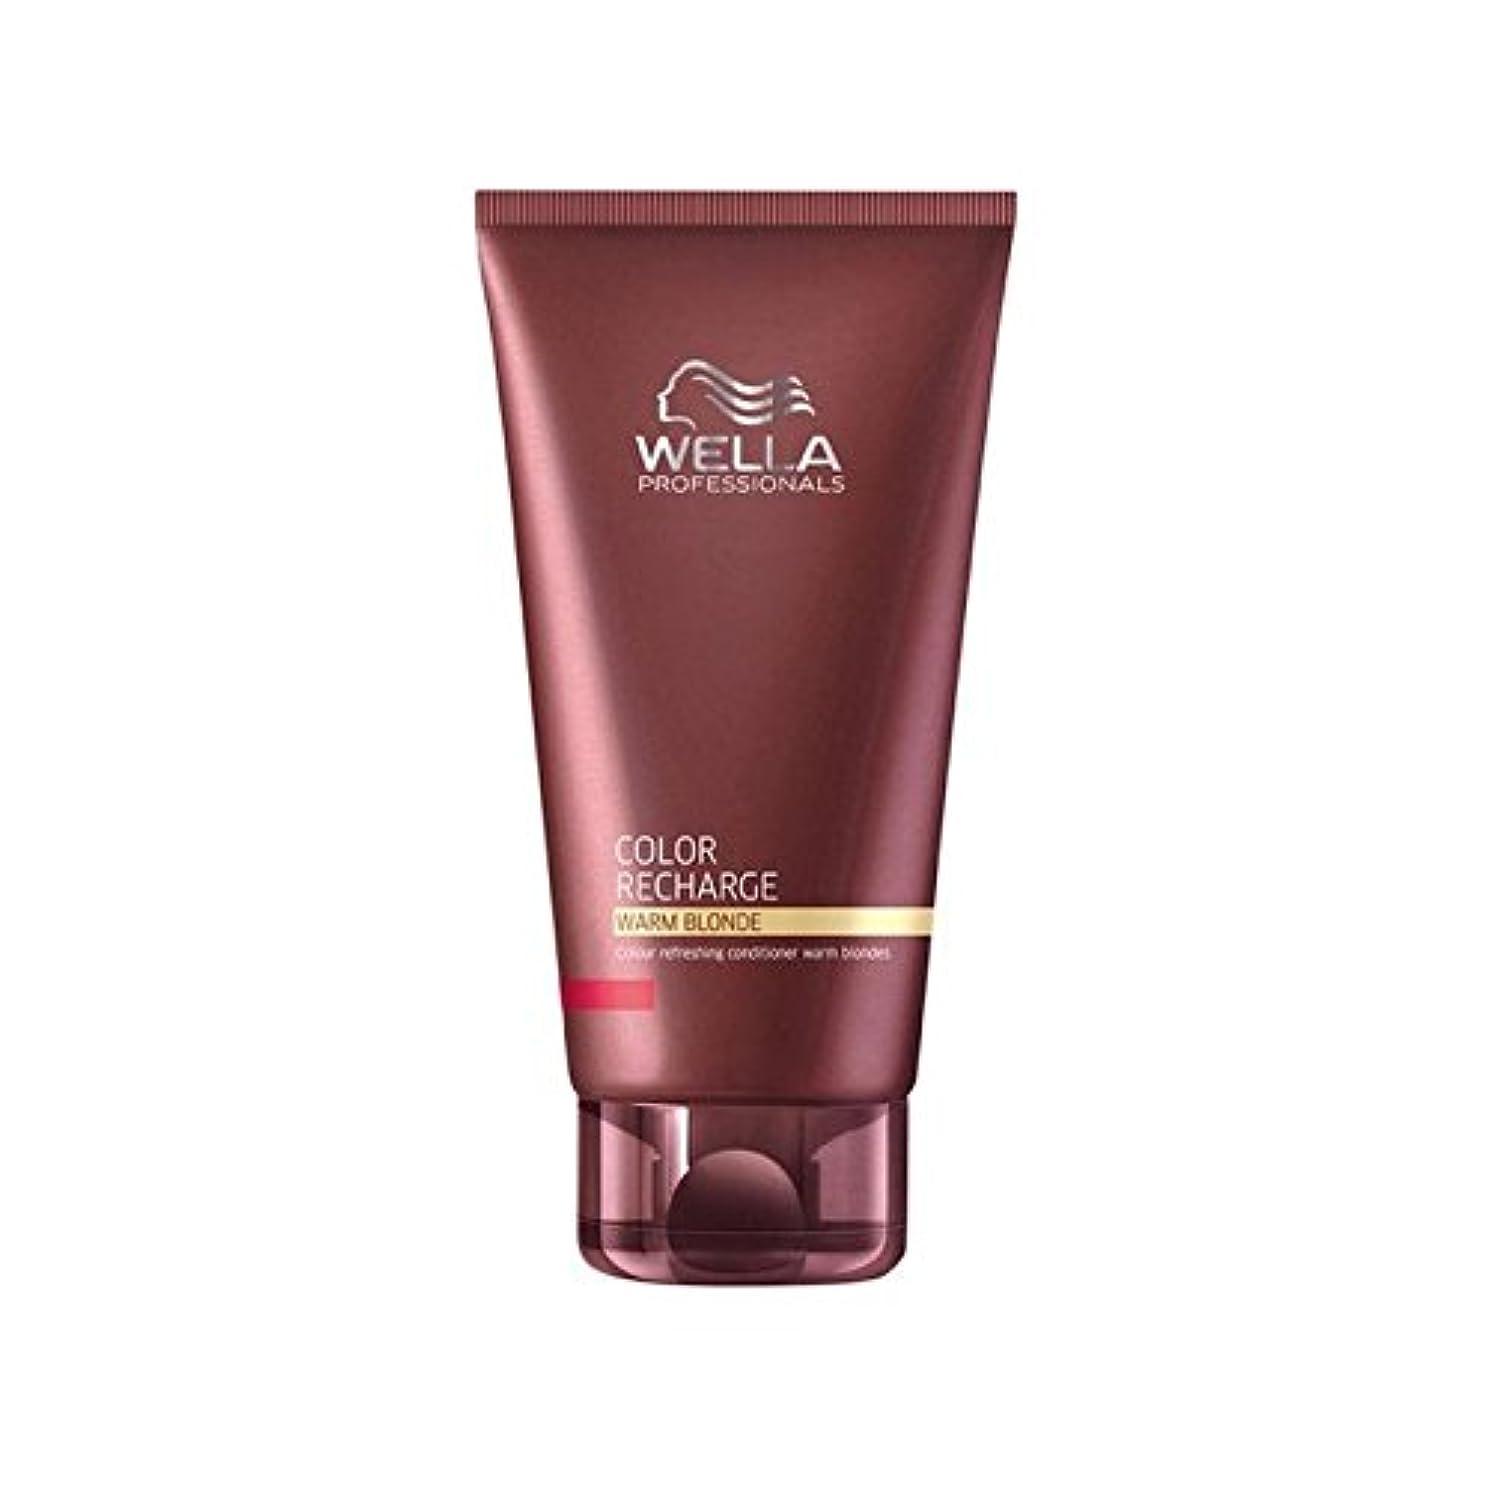 等しい役に立つ礼儀Wella Professionals Color Recharge Conditioner Warm Blonde (200ml) - ウエラ専門家のカラー再充電コンディショナー暖かいブロンド(200ミリリットル) [...